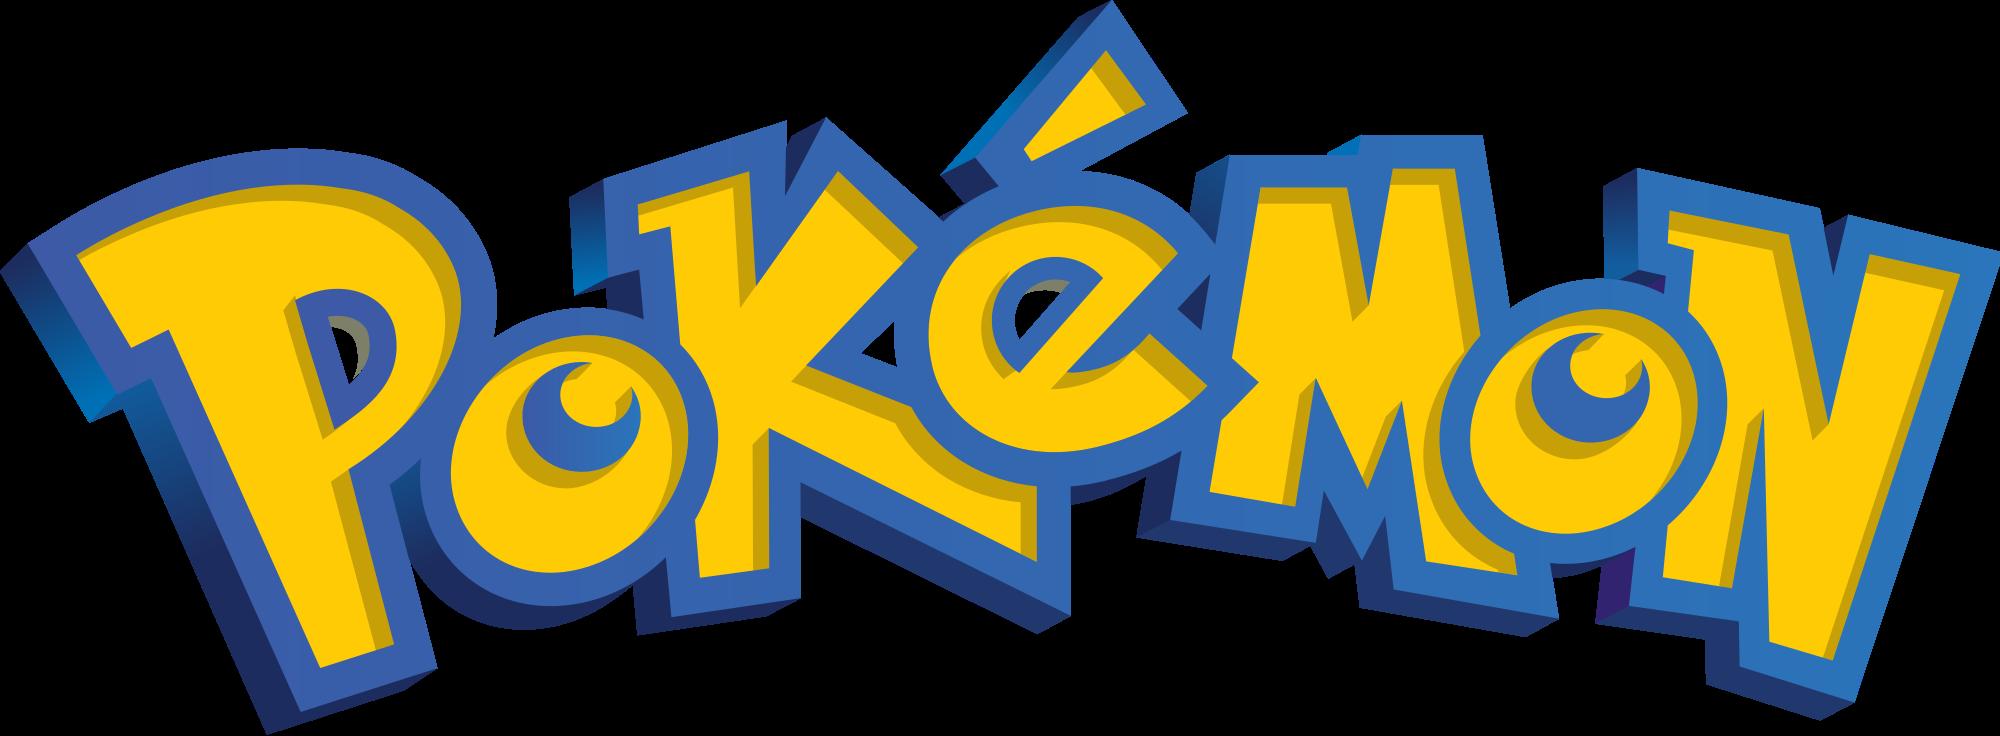 Pokemon logo PNG - Pokemon Logo PNG